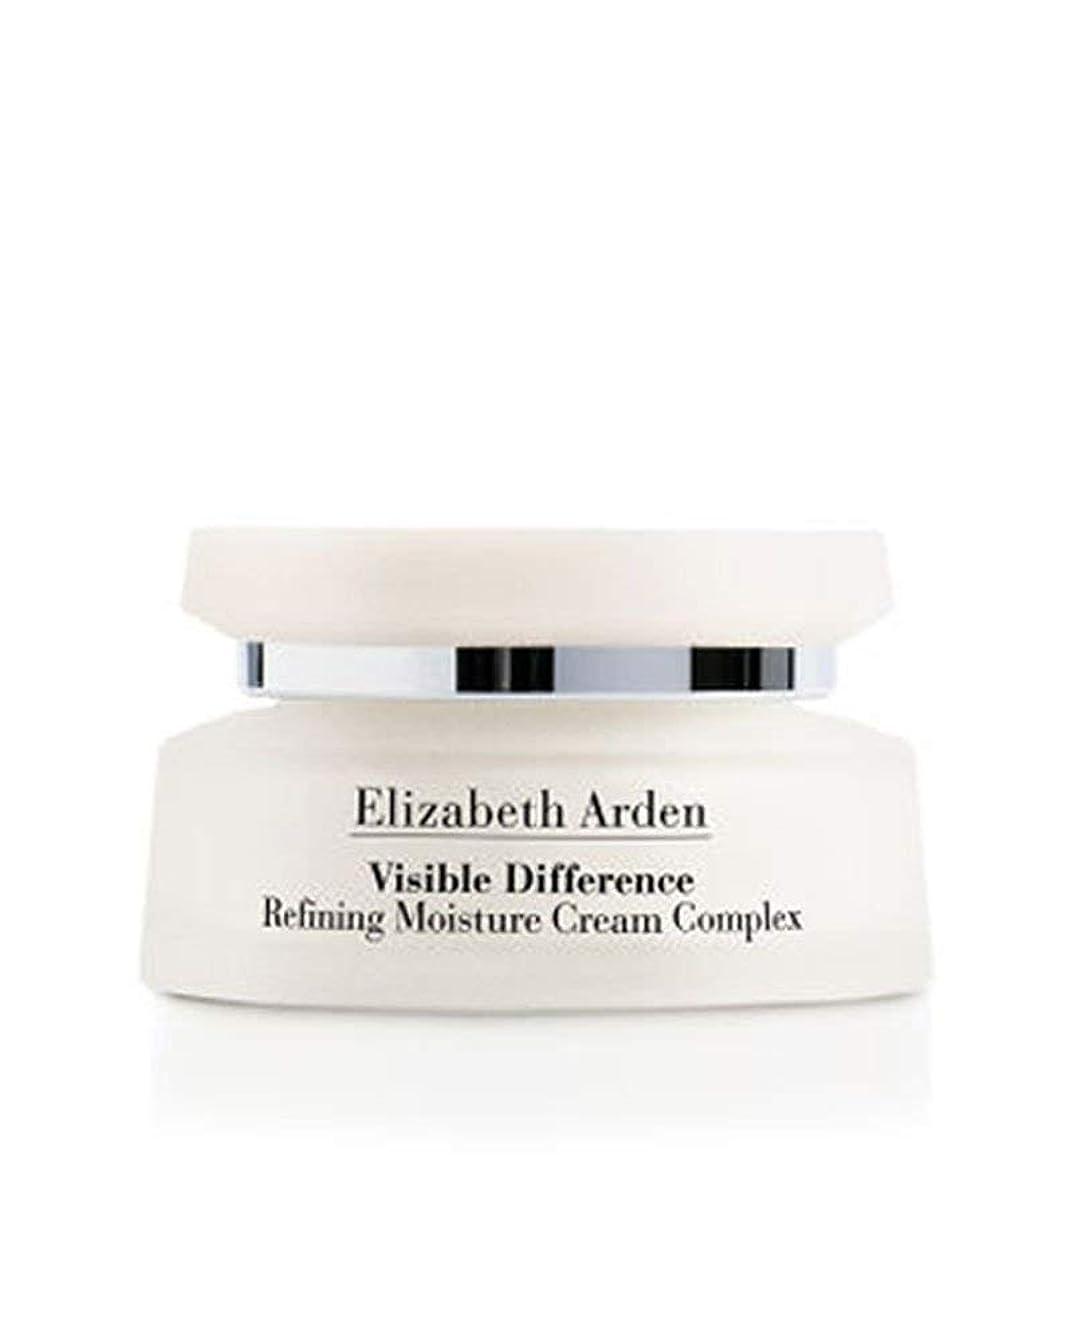 ローマ人カメラ宣教師[lizabeth Arden] [E Visible Difference Refining Moisture Cream Complex 75ml] (並行輸入品)